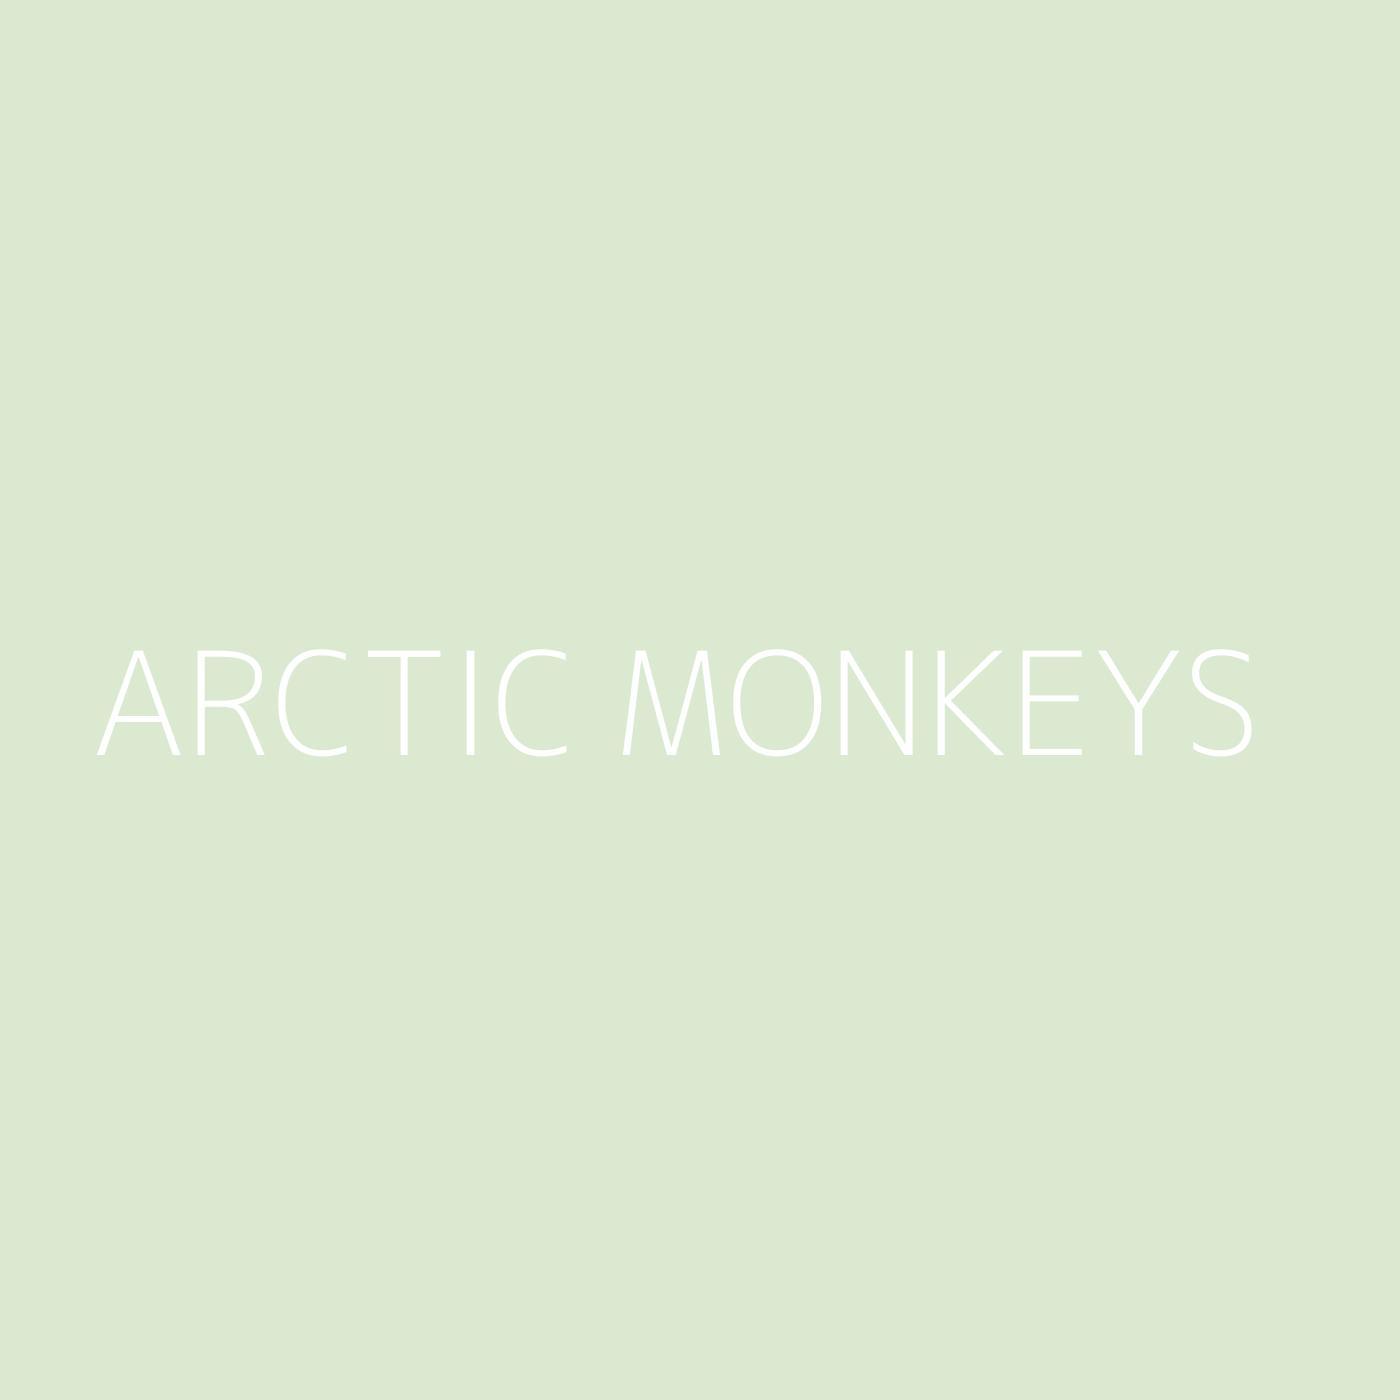 Arctic Monkeys Playlist Artwork